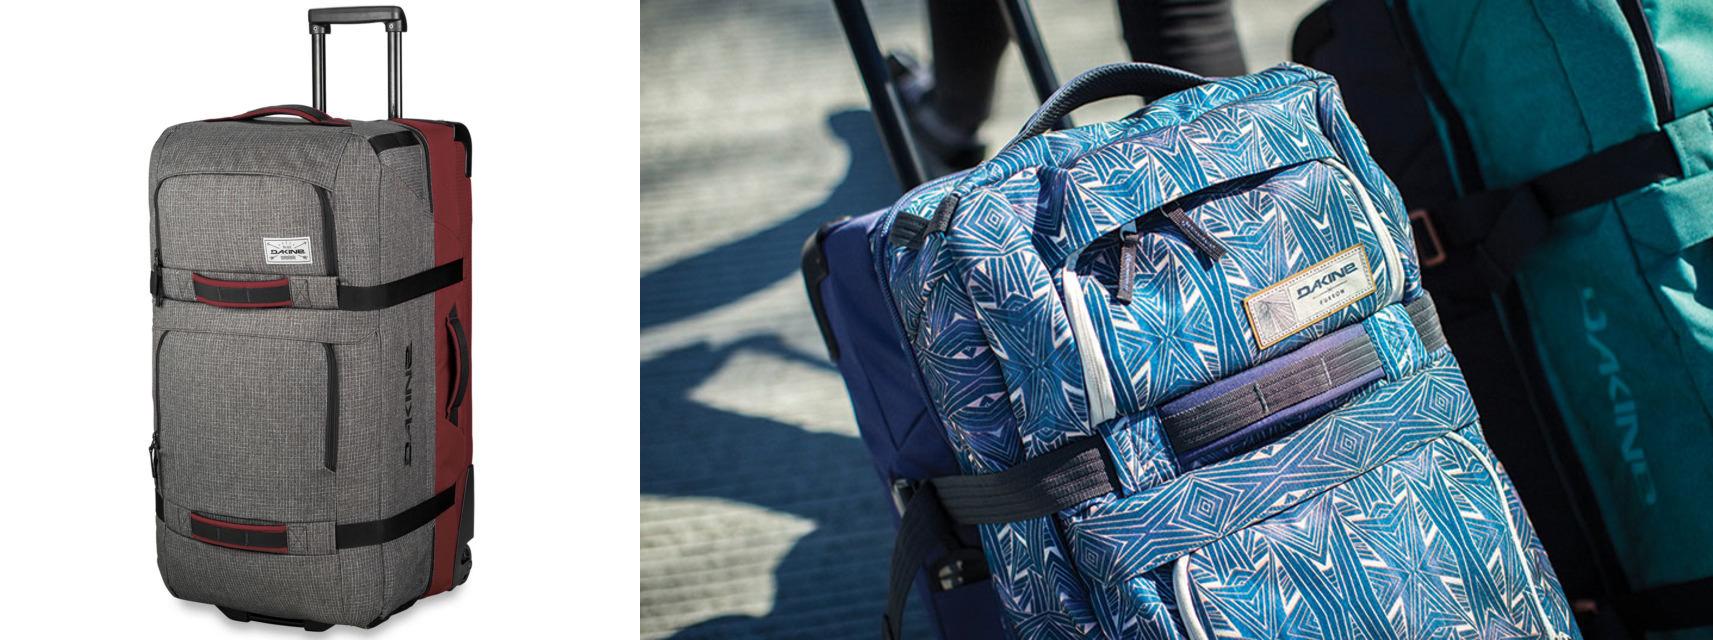 931aa3a1ec3e Как выбрать дорожную сумку на колесах? Чемоданы ...